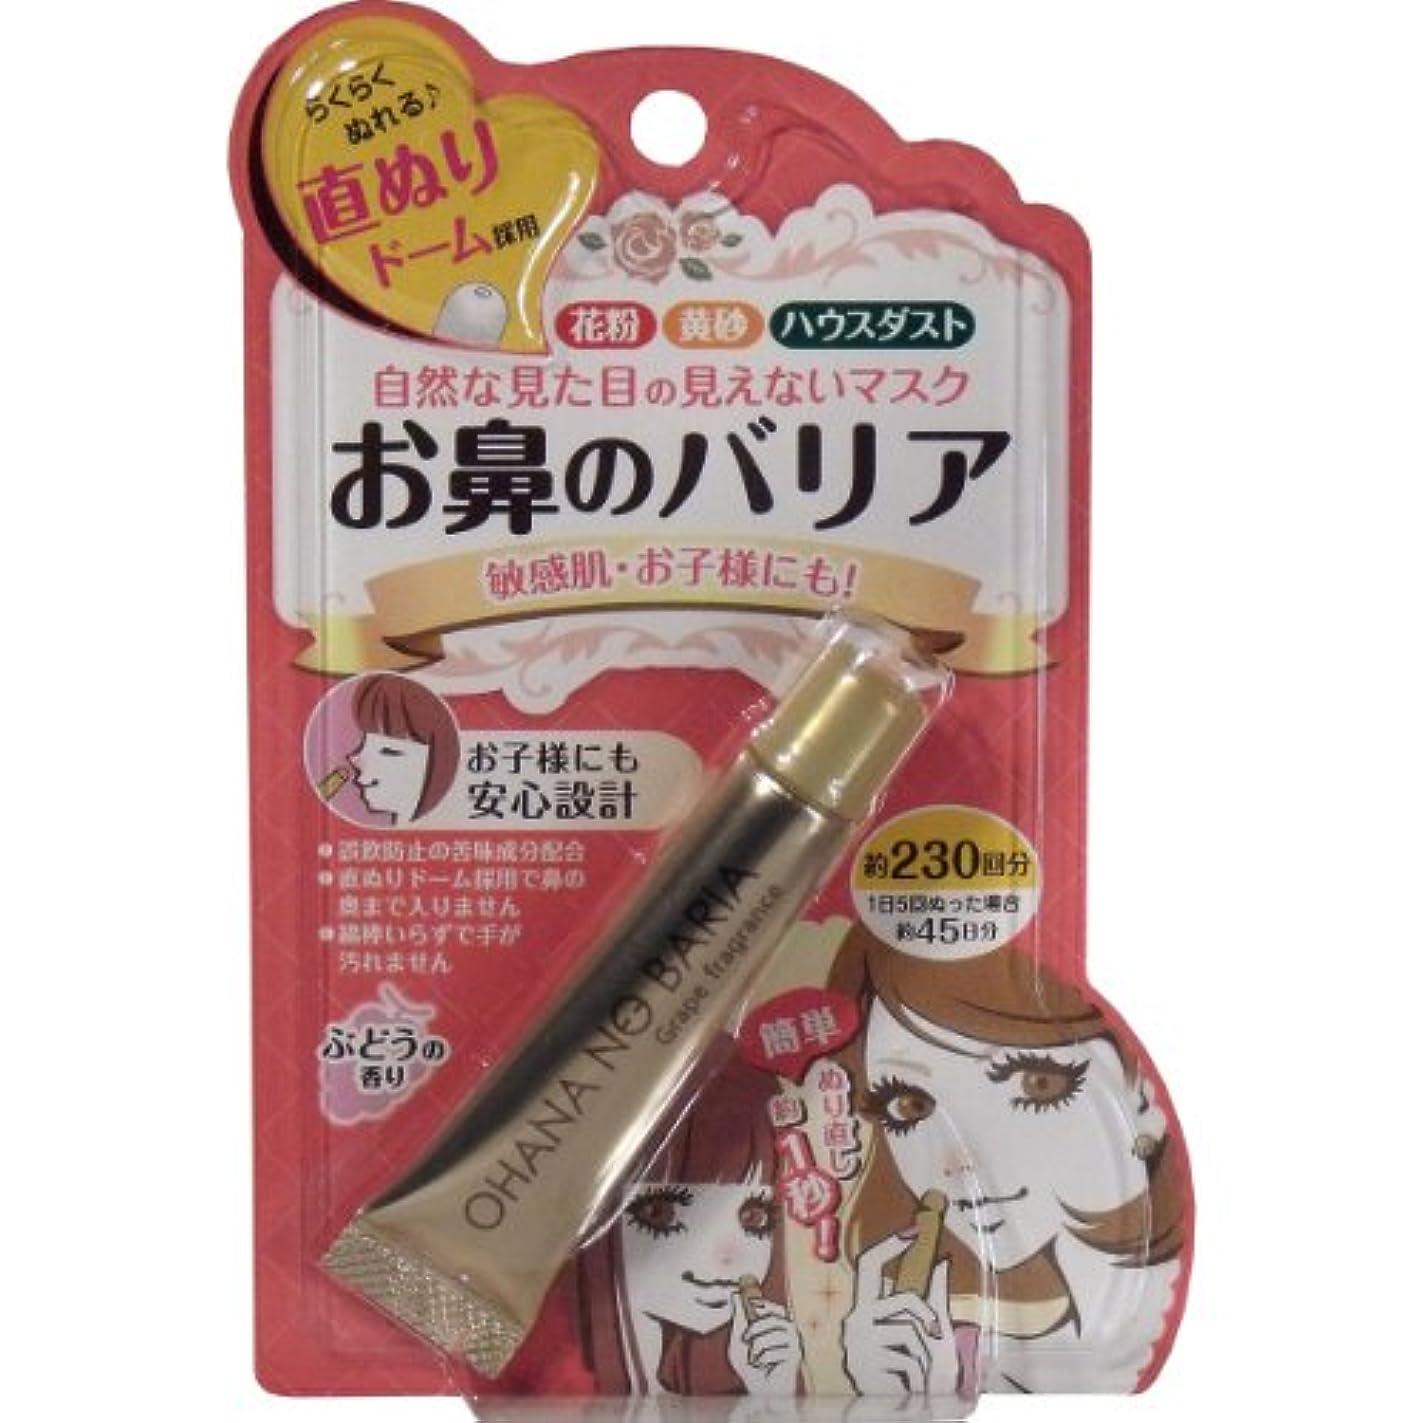 予約布雨のお鼻のバリア ぶどうの香り(約230回分)